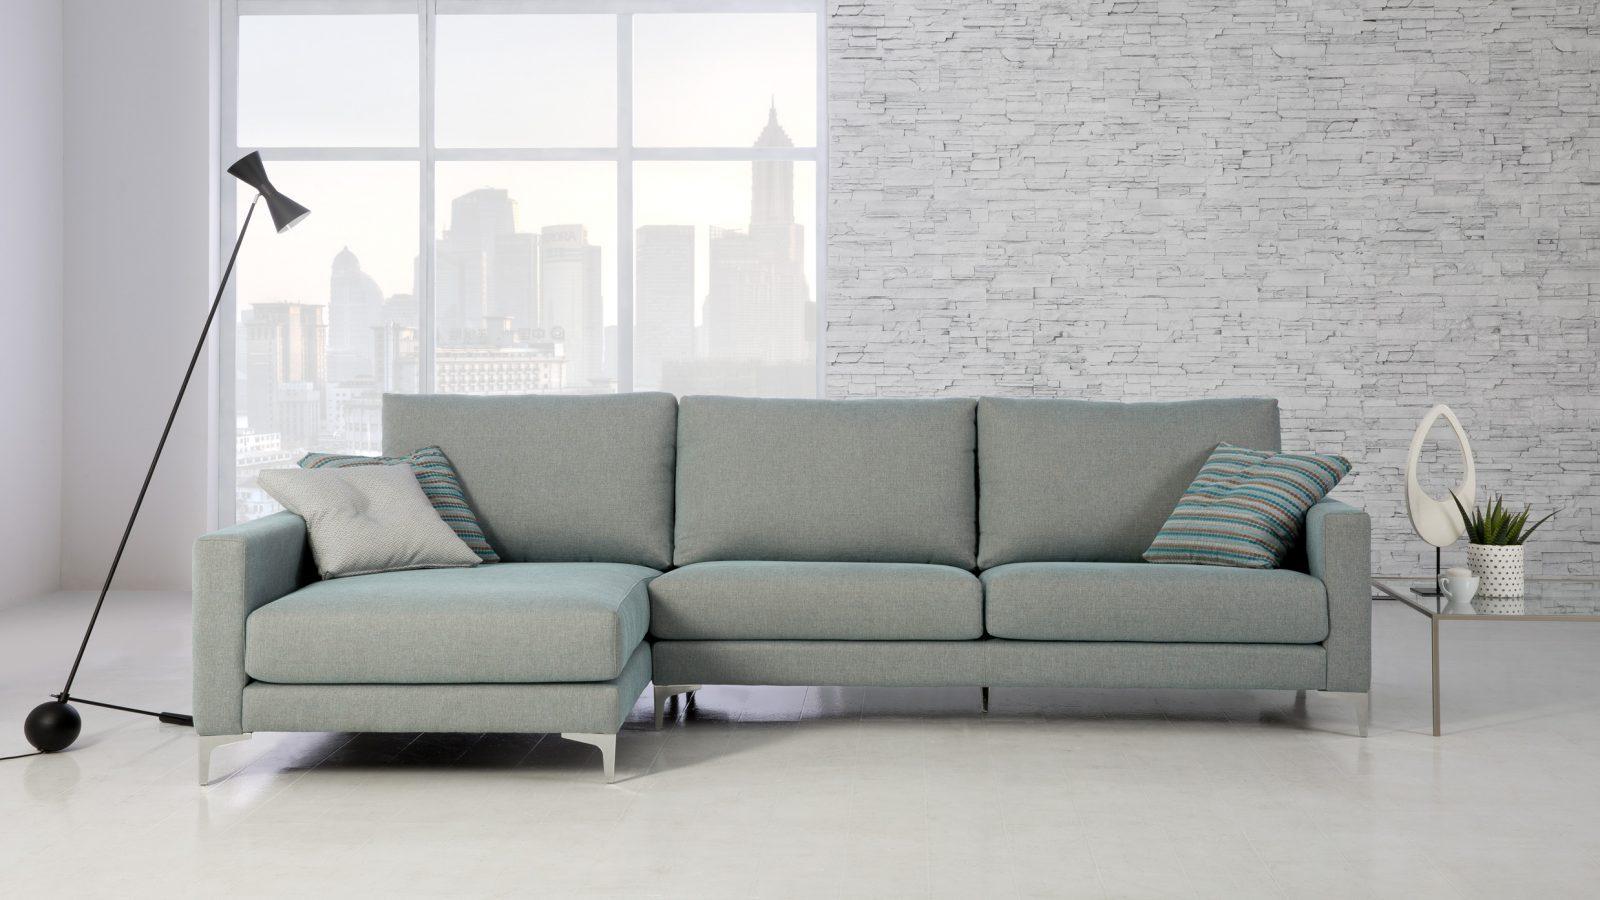 Mobiliario hd fabricaci n de muebles a medida en n jera y logro o - Sofas de ocasion ...